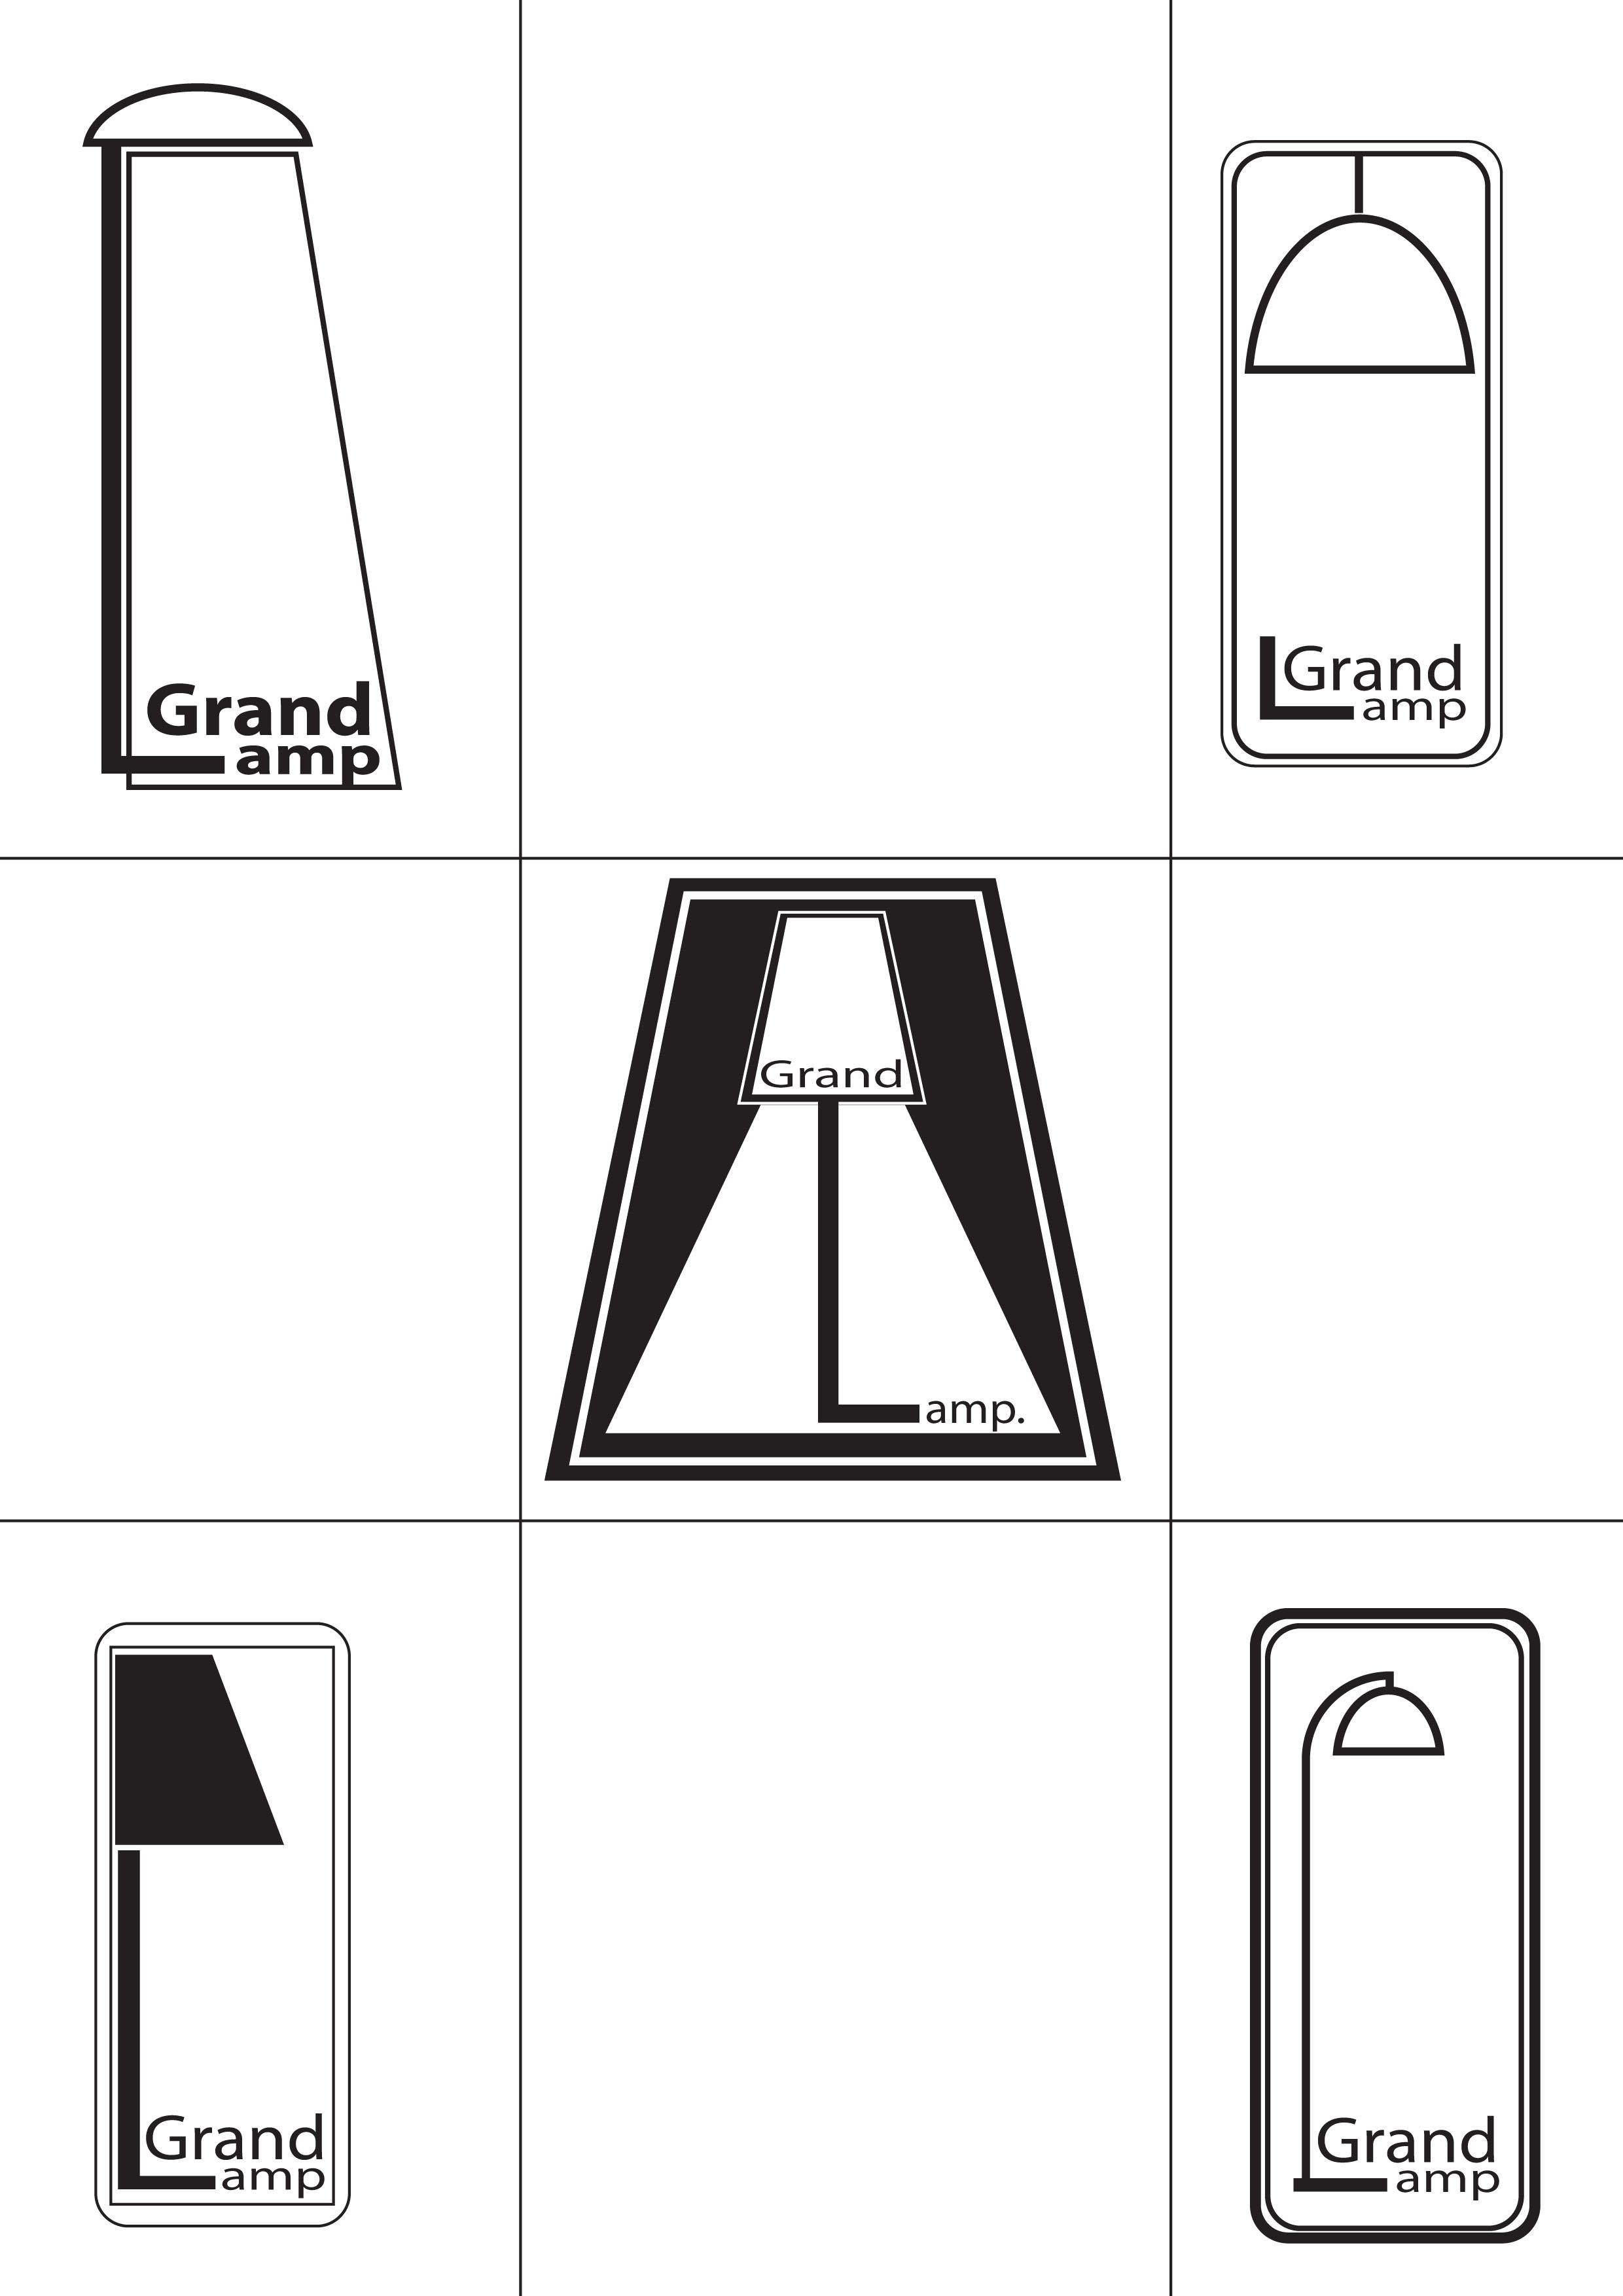 Разработка логотипа и элементов фирменного стиля фото f_62057e8d4d0c6e14.jpg